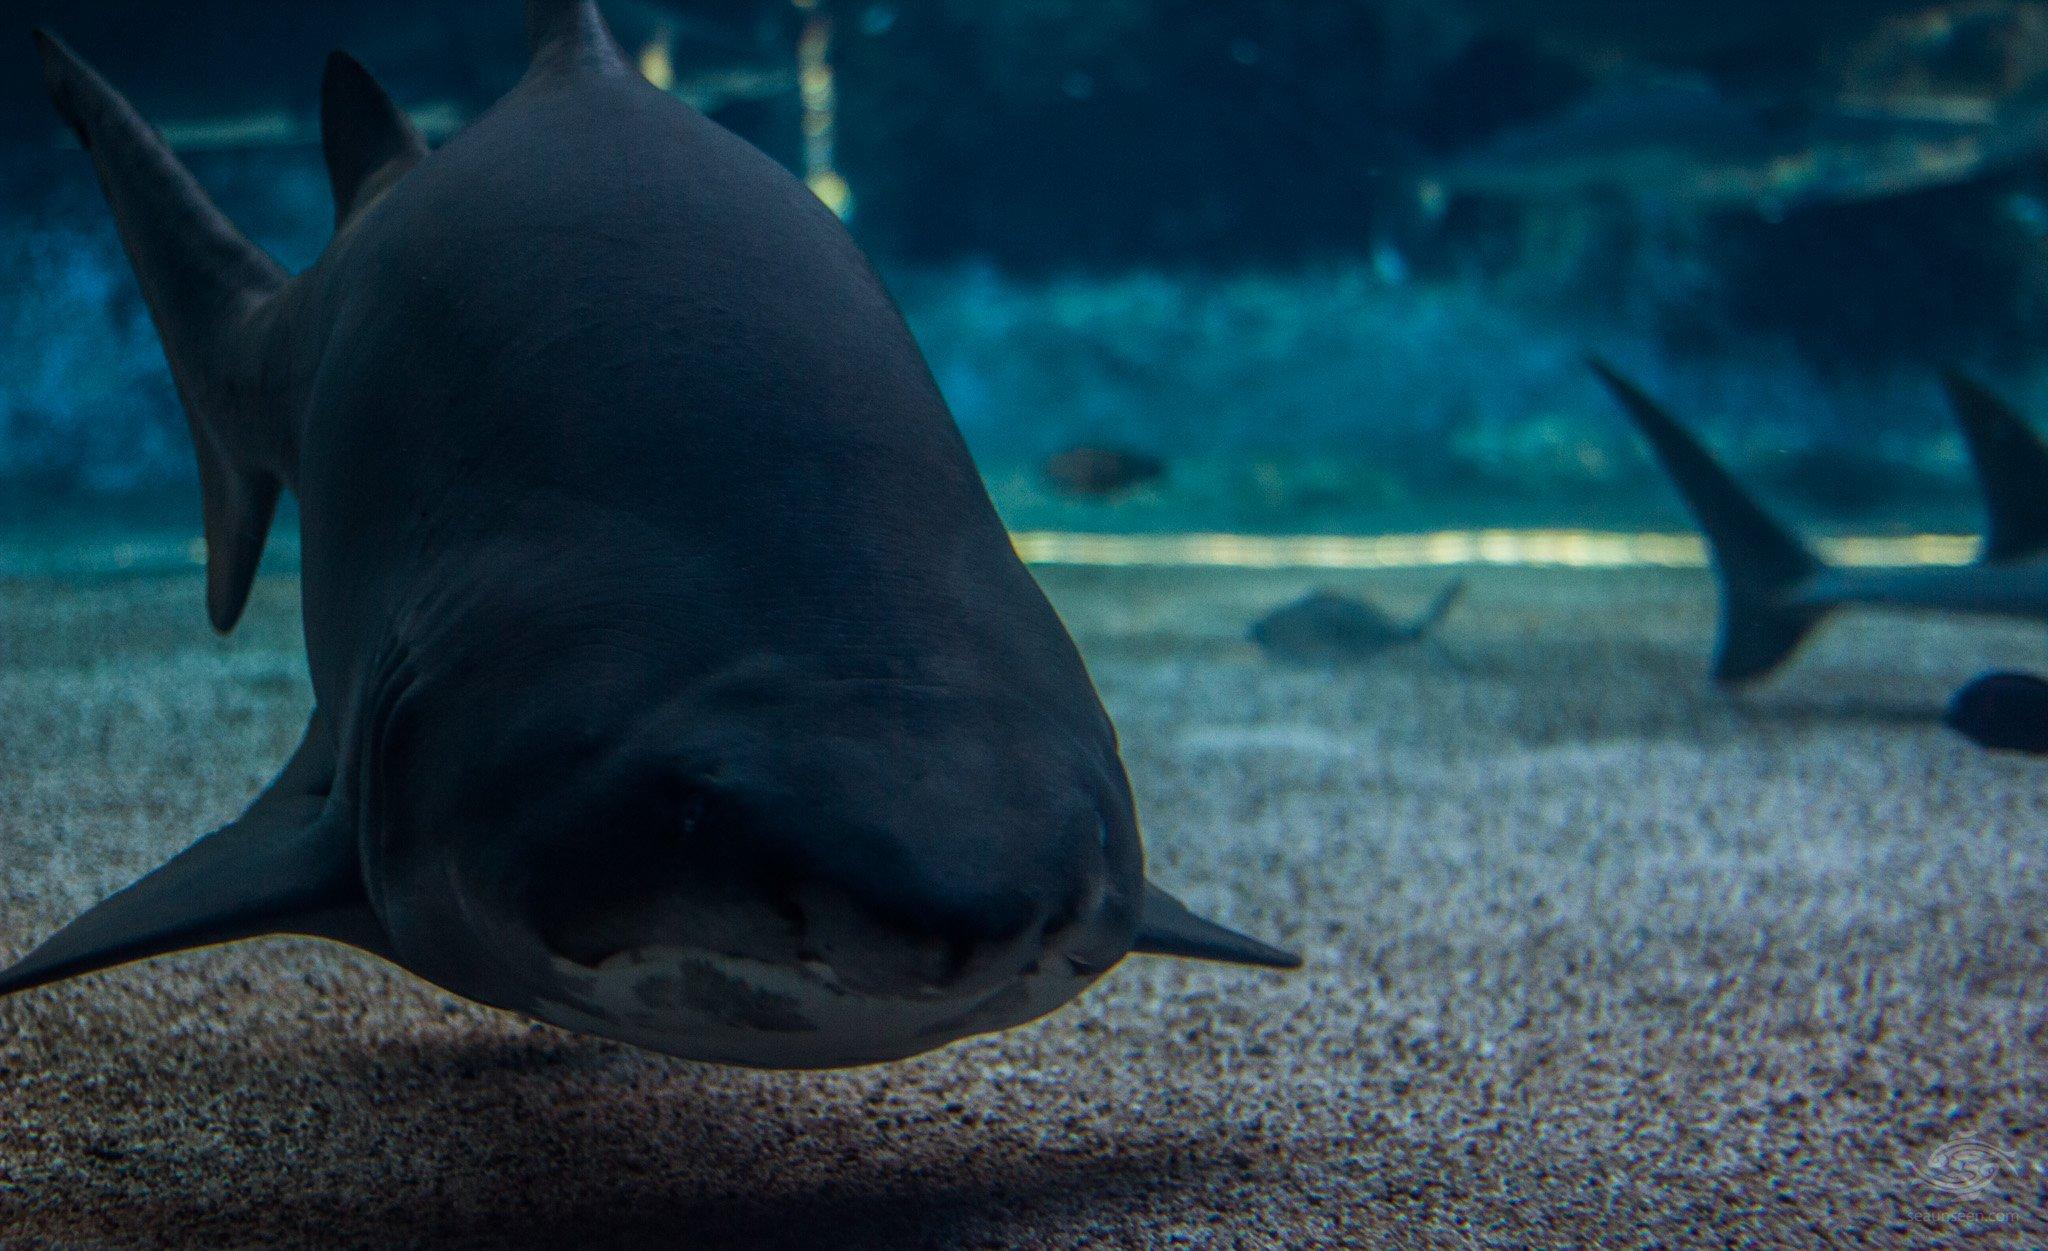 Ragged Tooth Shark